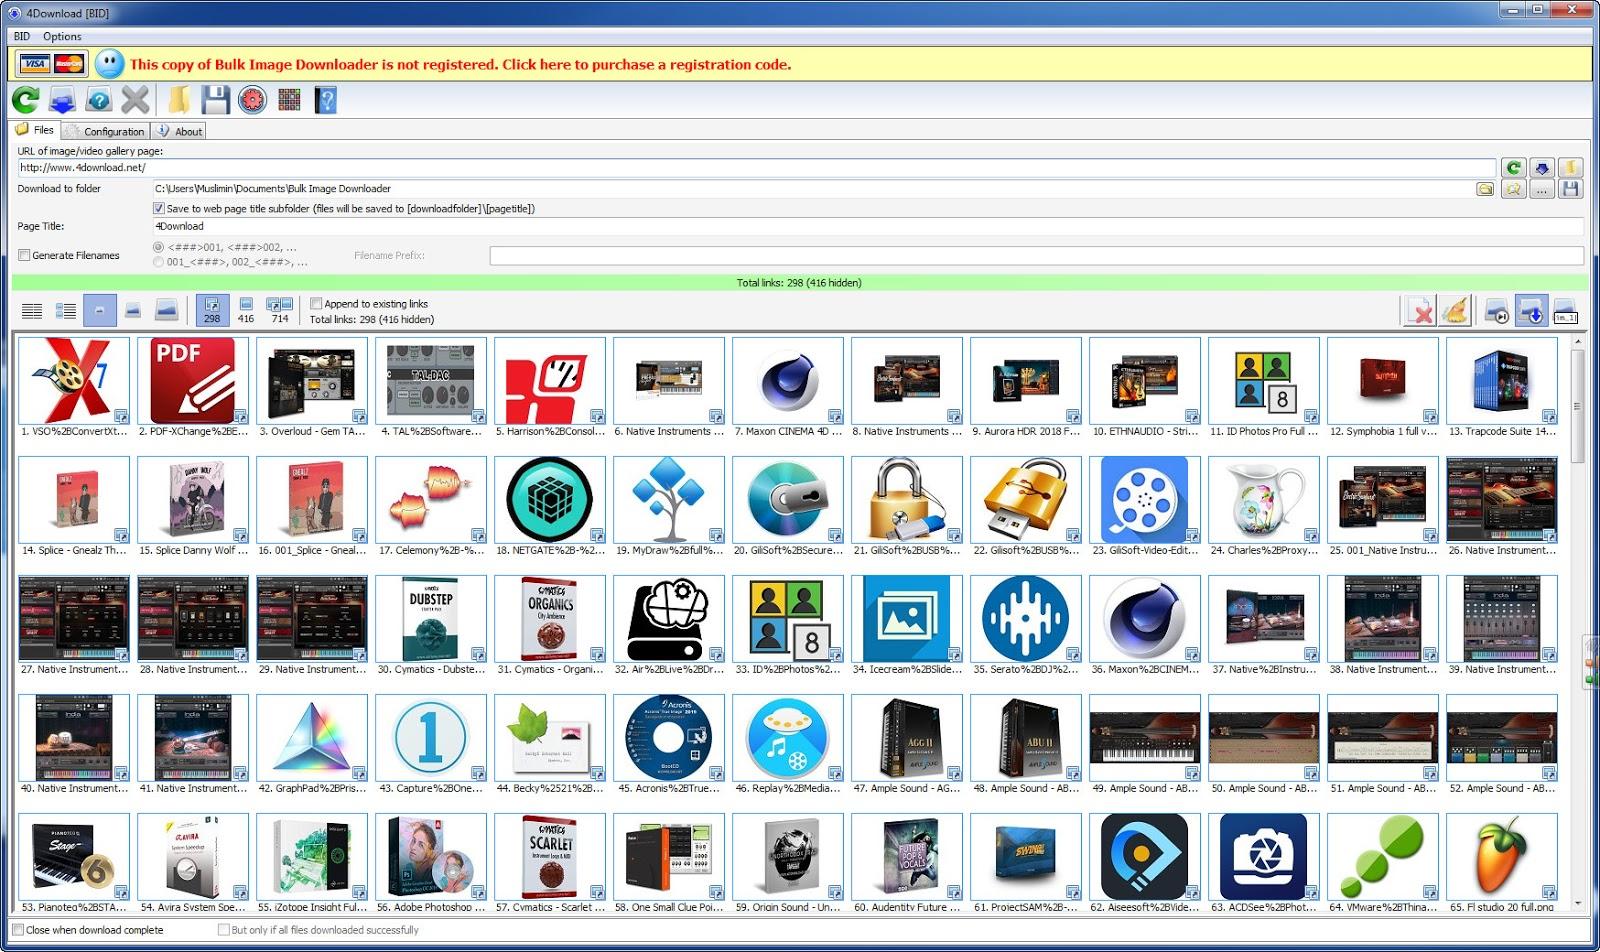 Bulk Image Downloader v5.38.0.0